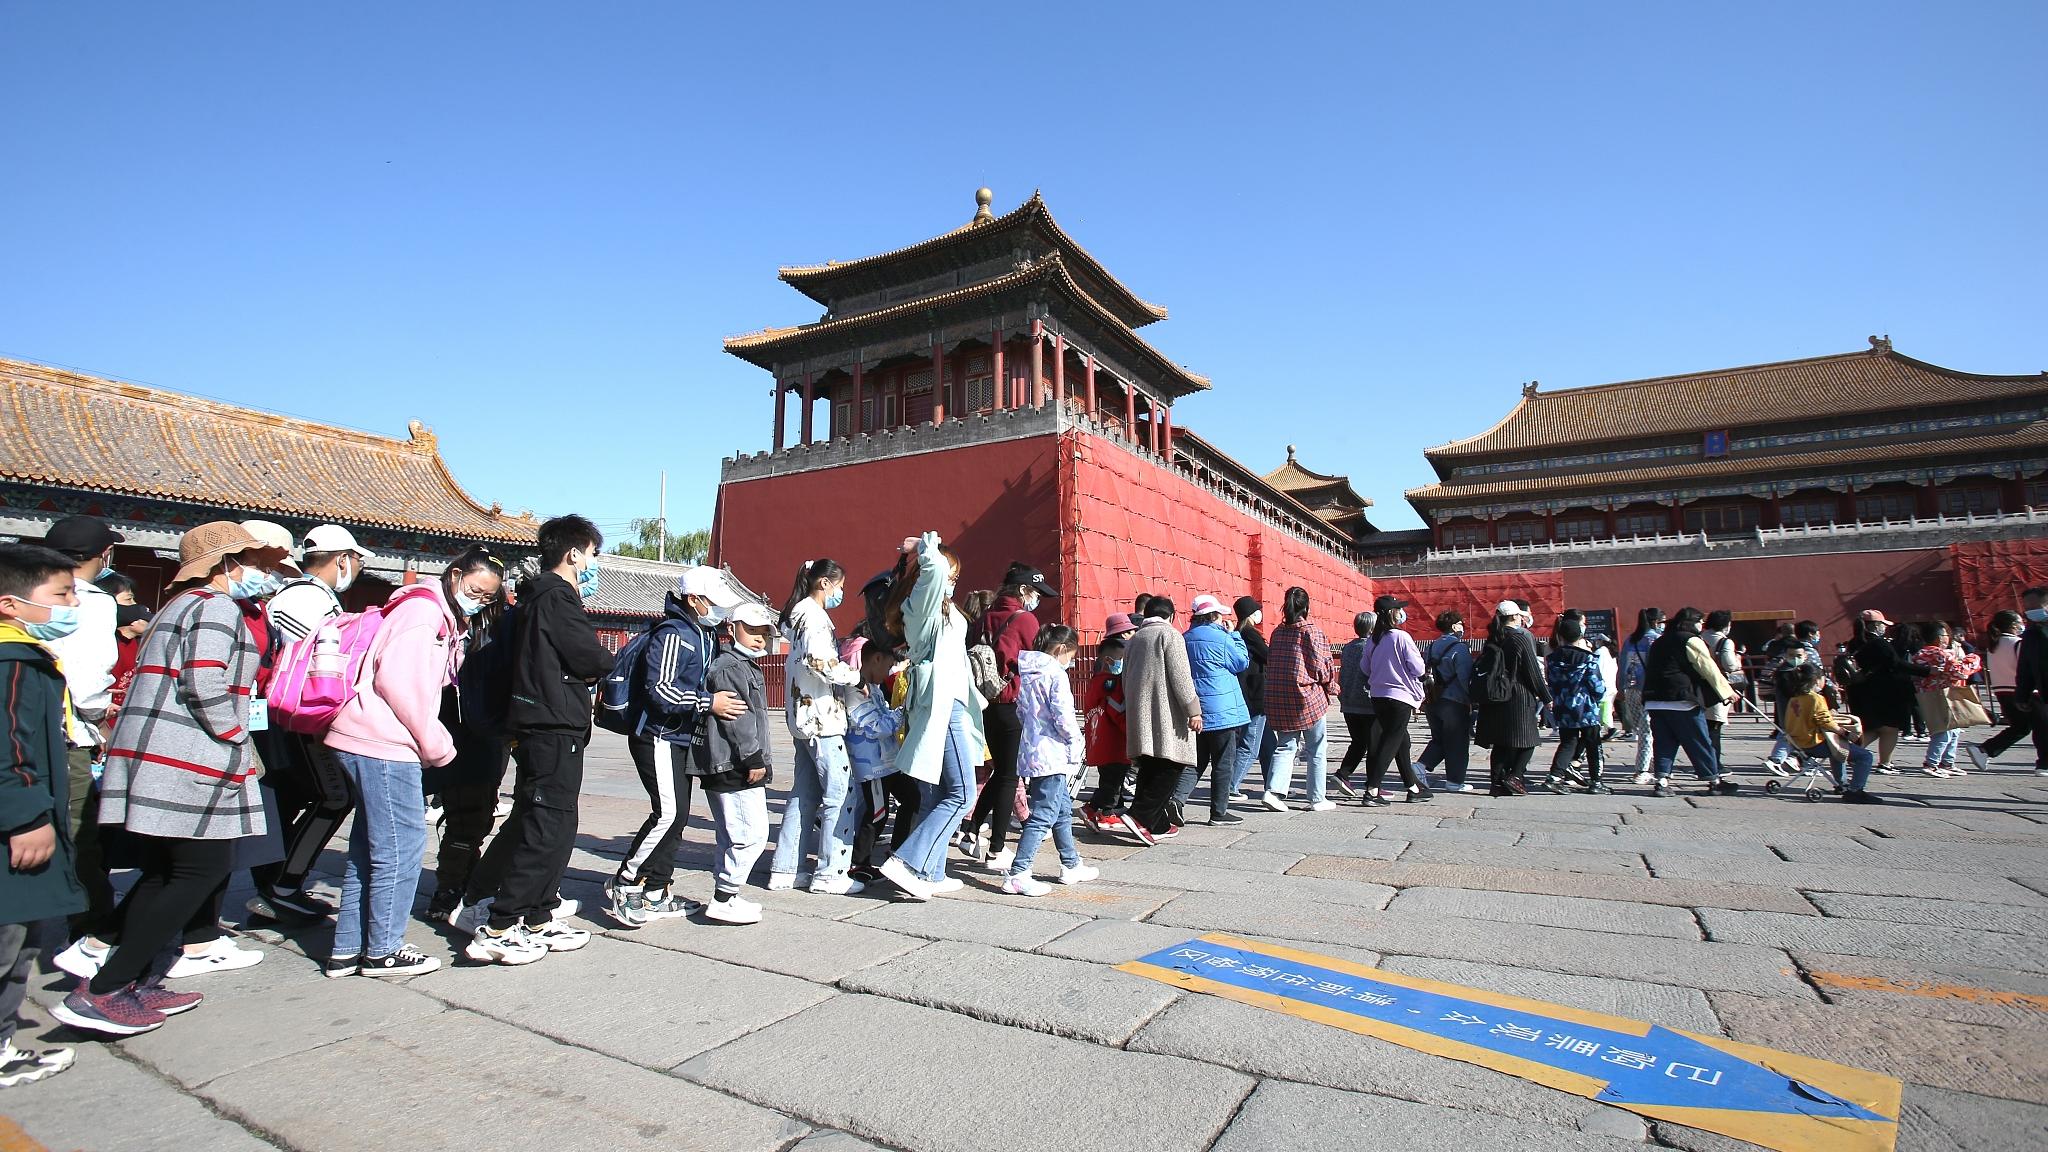 Dòng người xếp hàng dài trước khi vào tham quan Bảo tàng Cố Cung (Tử Cấm Thành) tại Bắc Kinh ngày 1/5 vừa rồi. Han Yuanjun, một nhà nghiên cứu ở Viện Du lịch Trung Quốc, cho hay: Tình hình đại dịch đã được kiểm soát hiệu quả ở Trung Quốc nên ngày càng nhiều người thấy an toàn khi du lịch hơn. Ảnh: CFP